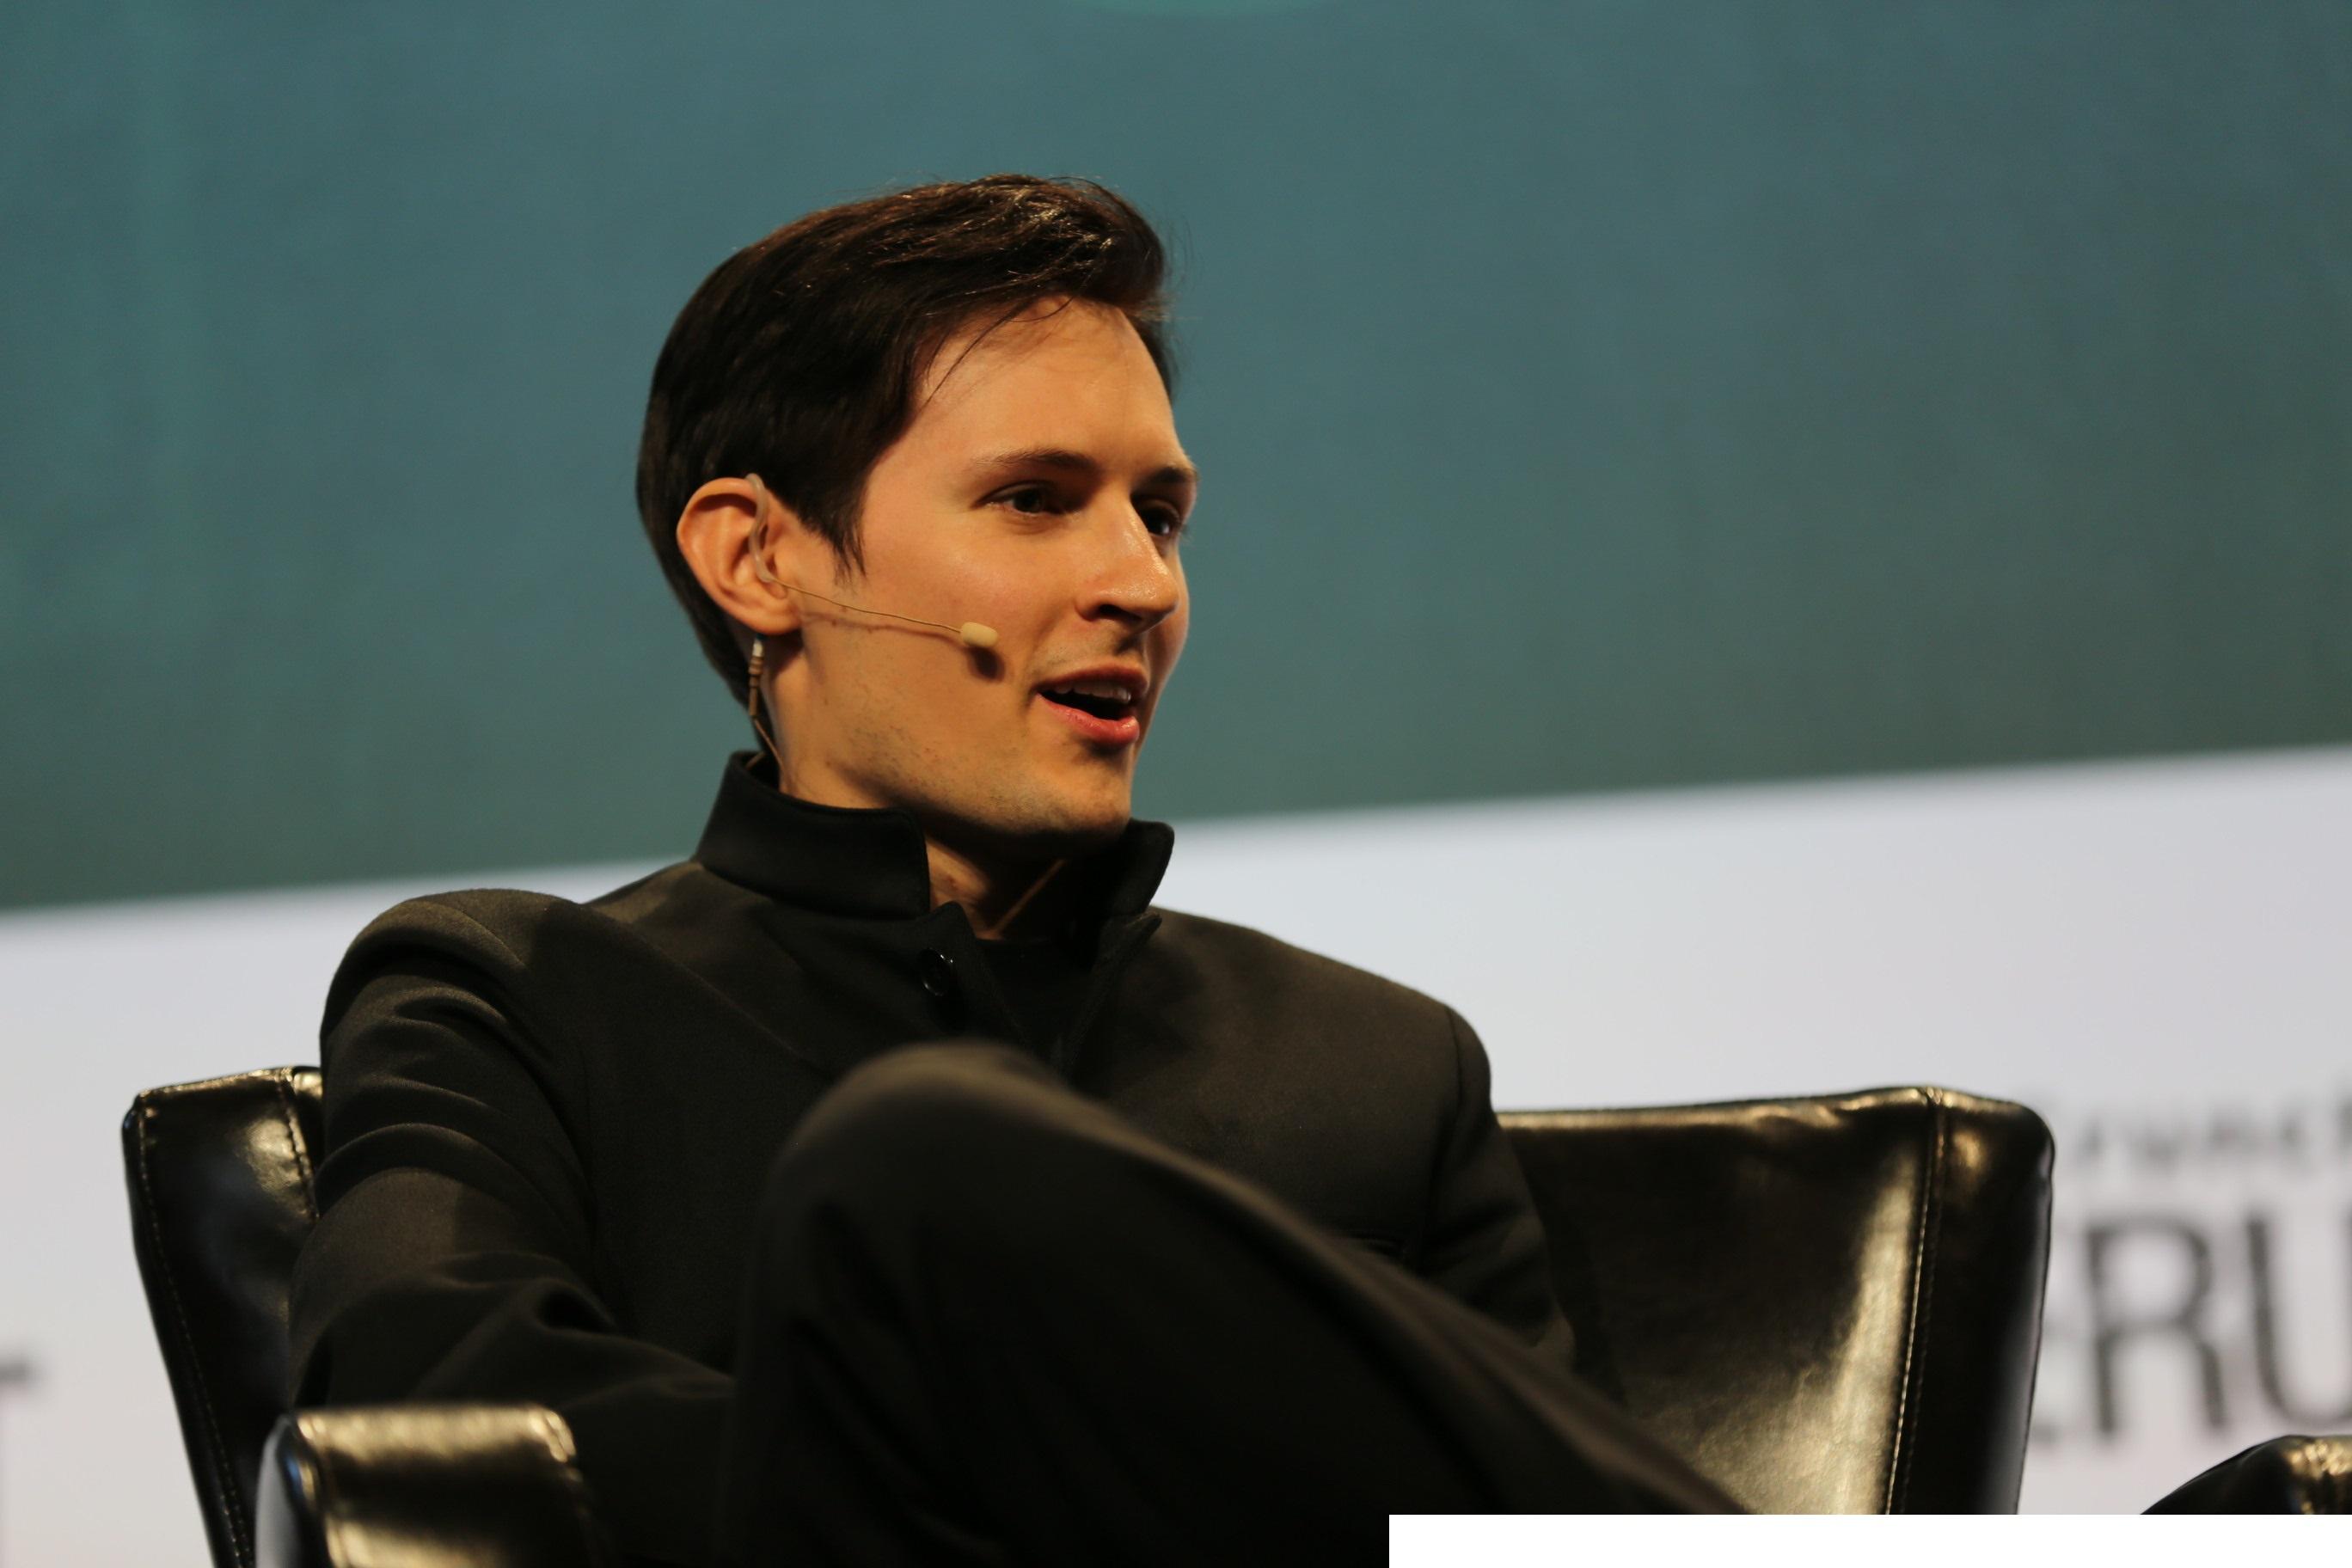 واکنش مدیر تلگرام به اعلام جرم علیه خود در ایران +عکس